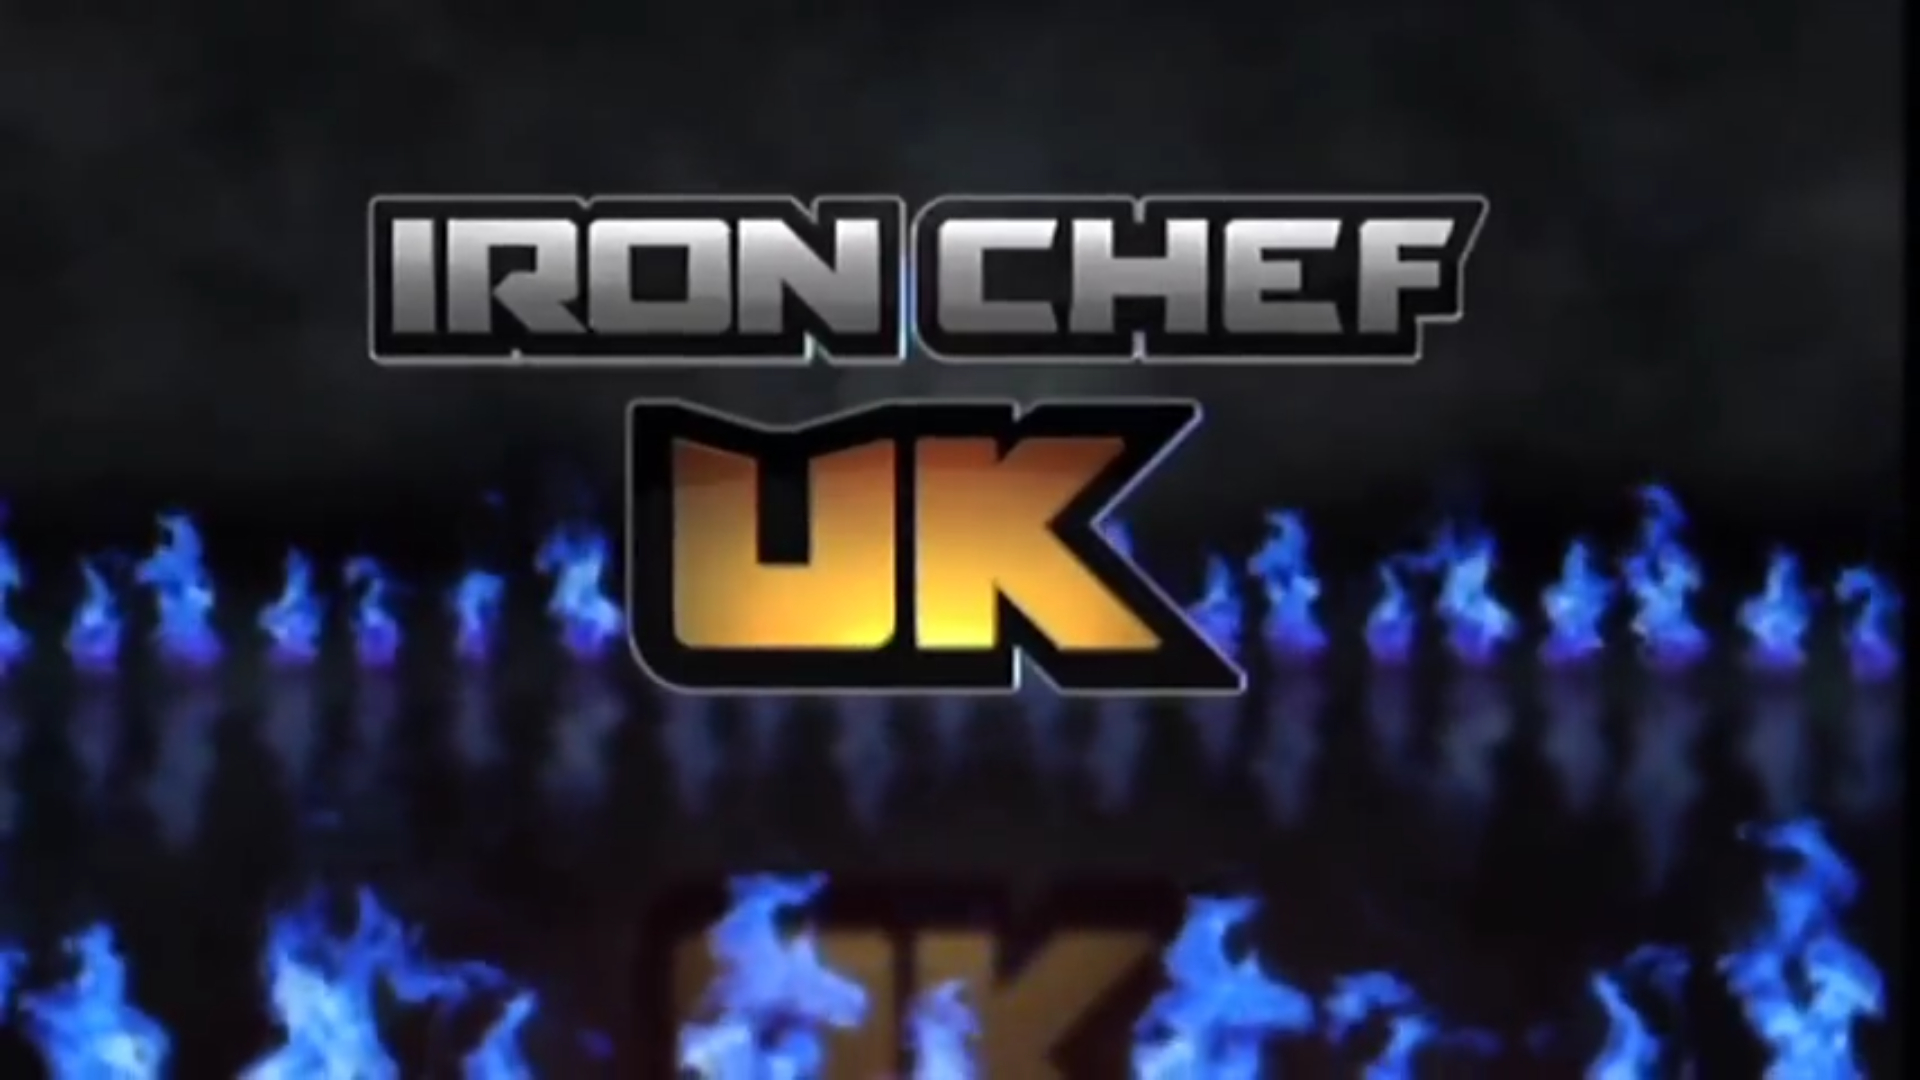 Iron Chef UK